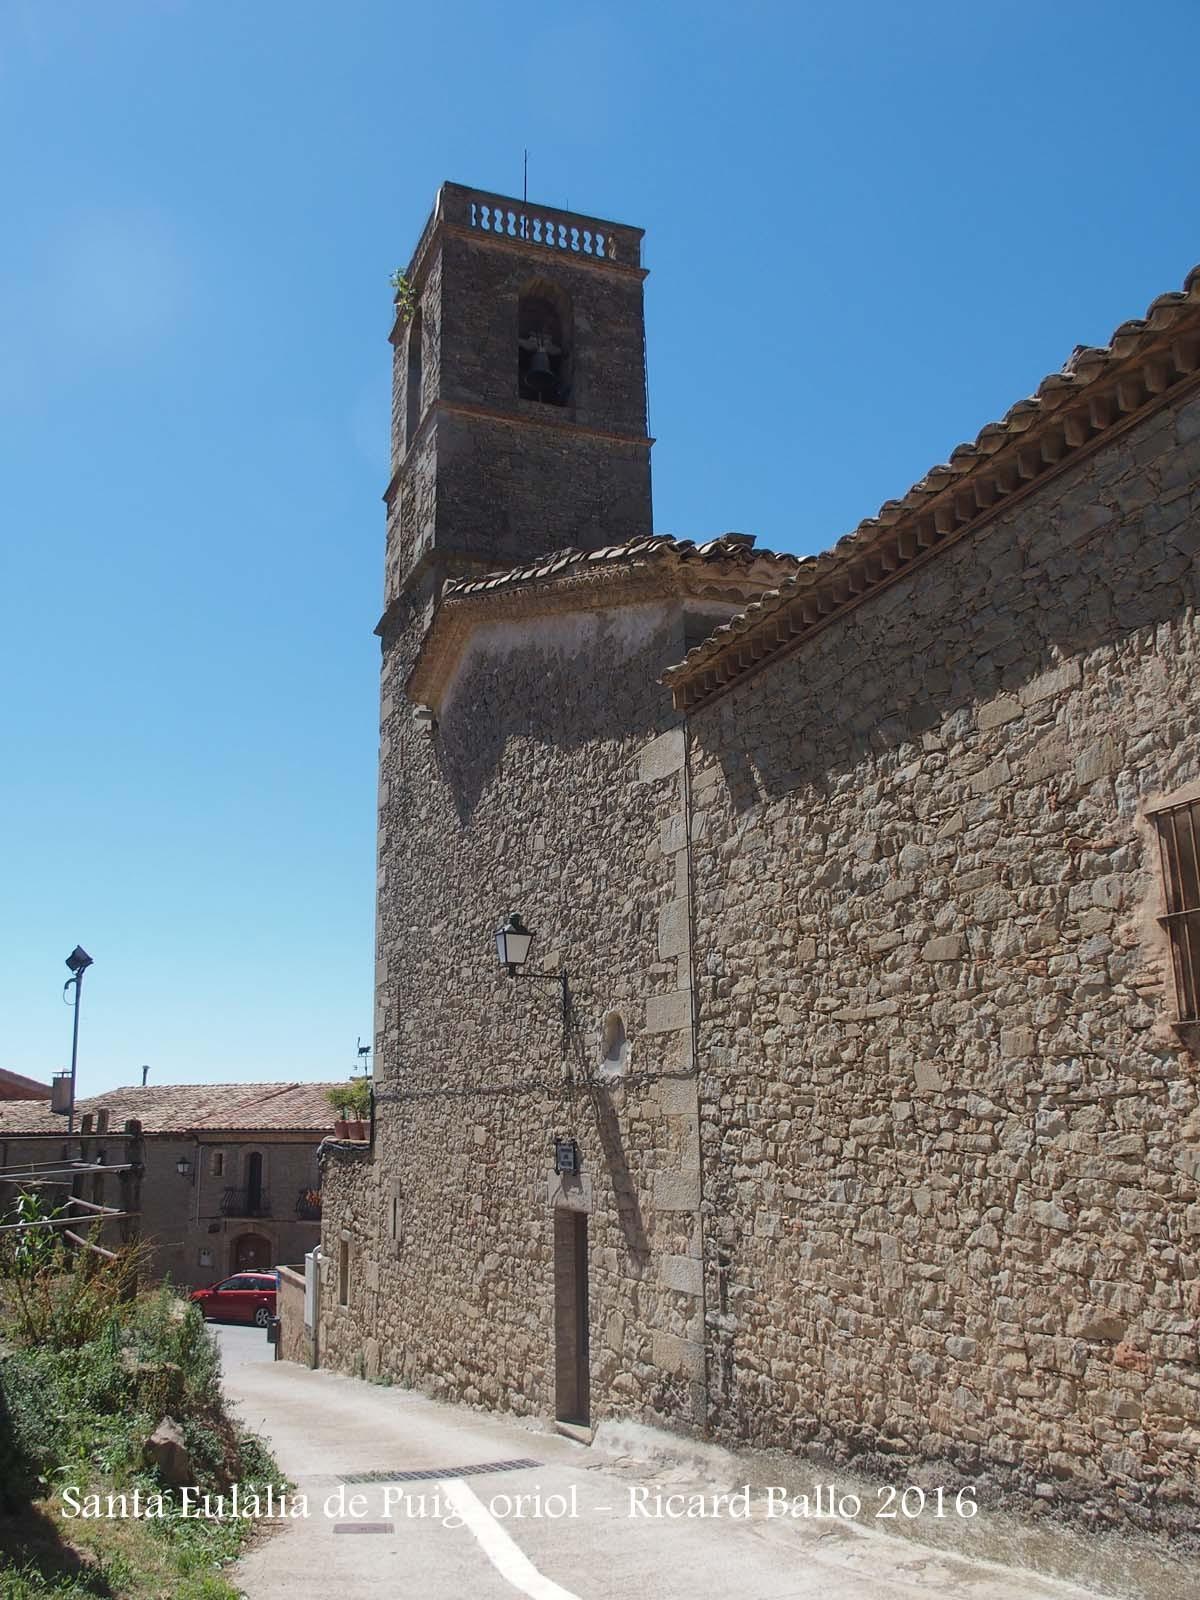 Església de Santa Eulàlia de Puig-oriol – Lluçà